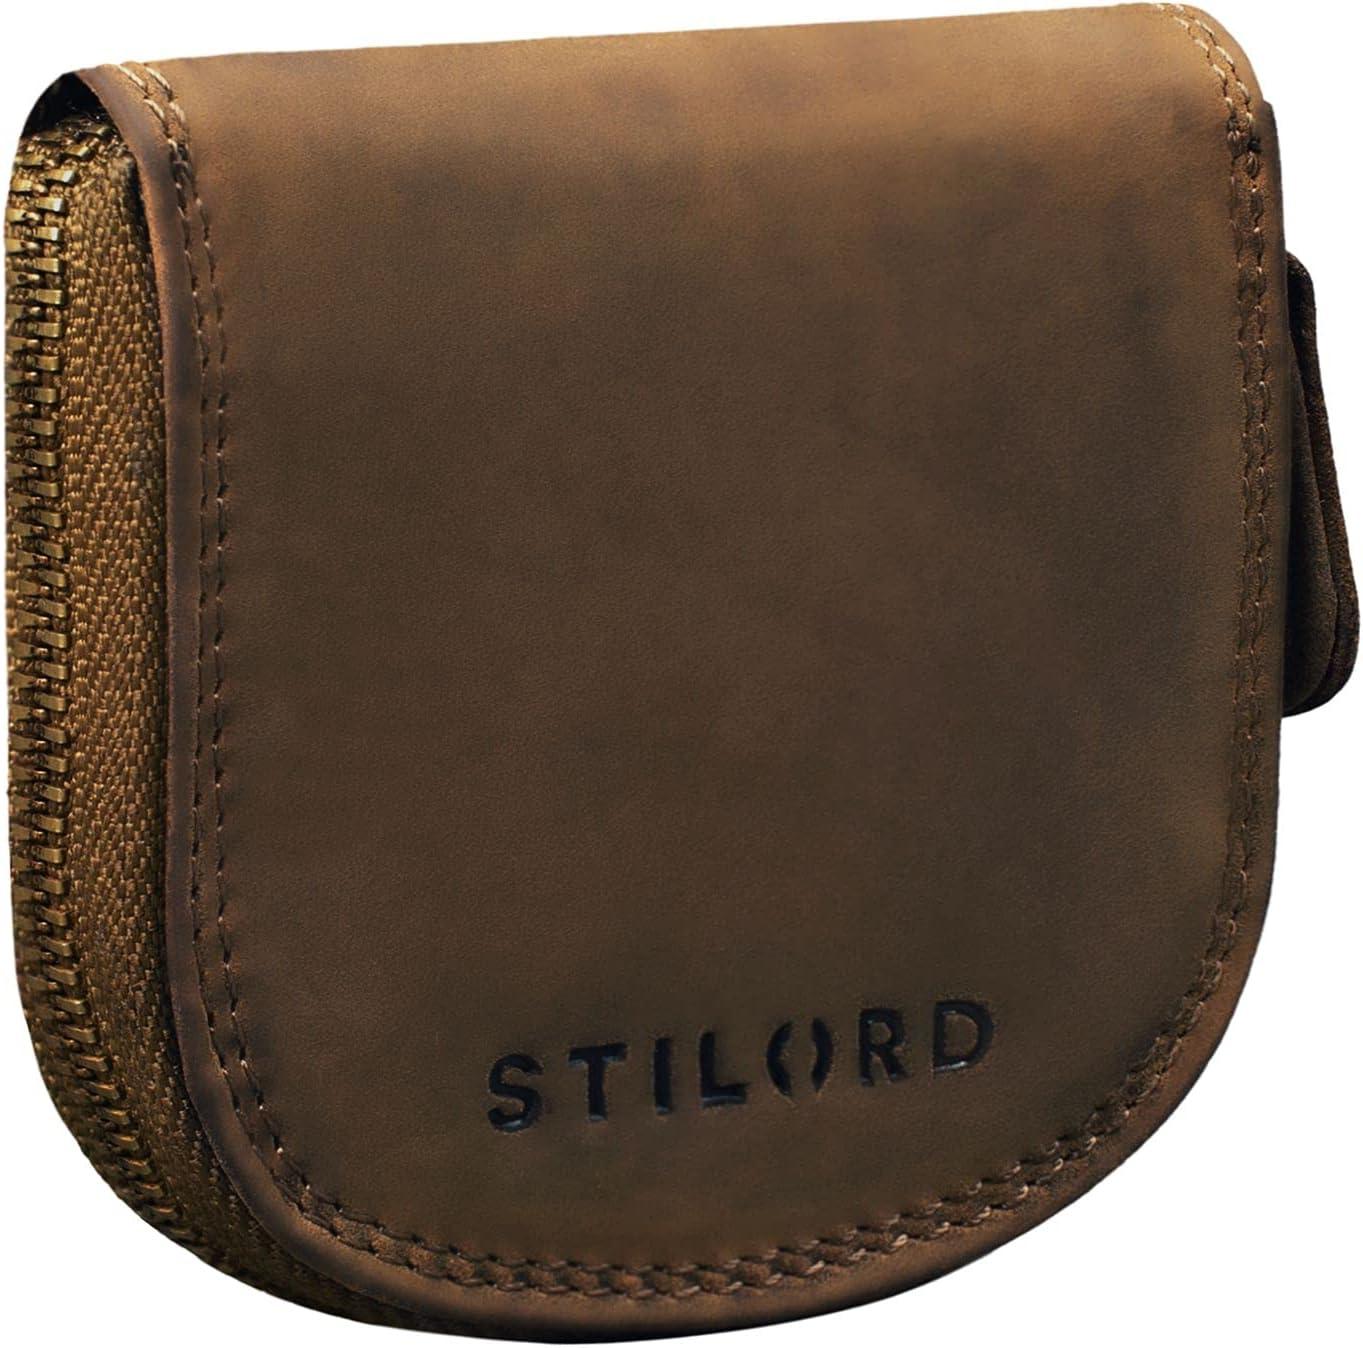 STILORD 'Cash' Mini Billetera Hombre Piel Estuche de Llaves de Cuero Vintage Organizador Monedero Pequeña con Cremallera Slim Wallet, Color:marrón - Medio